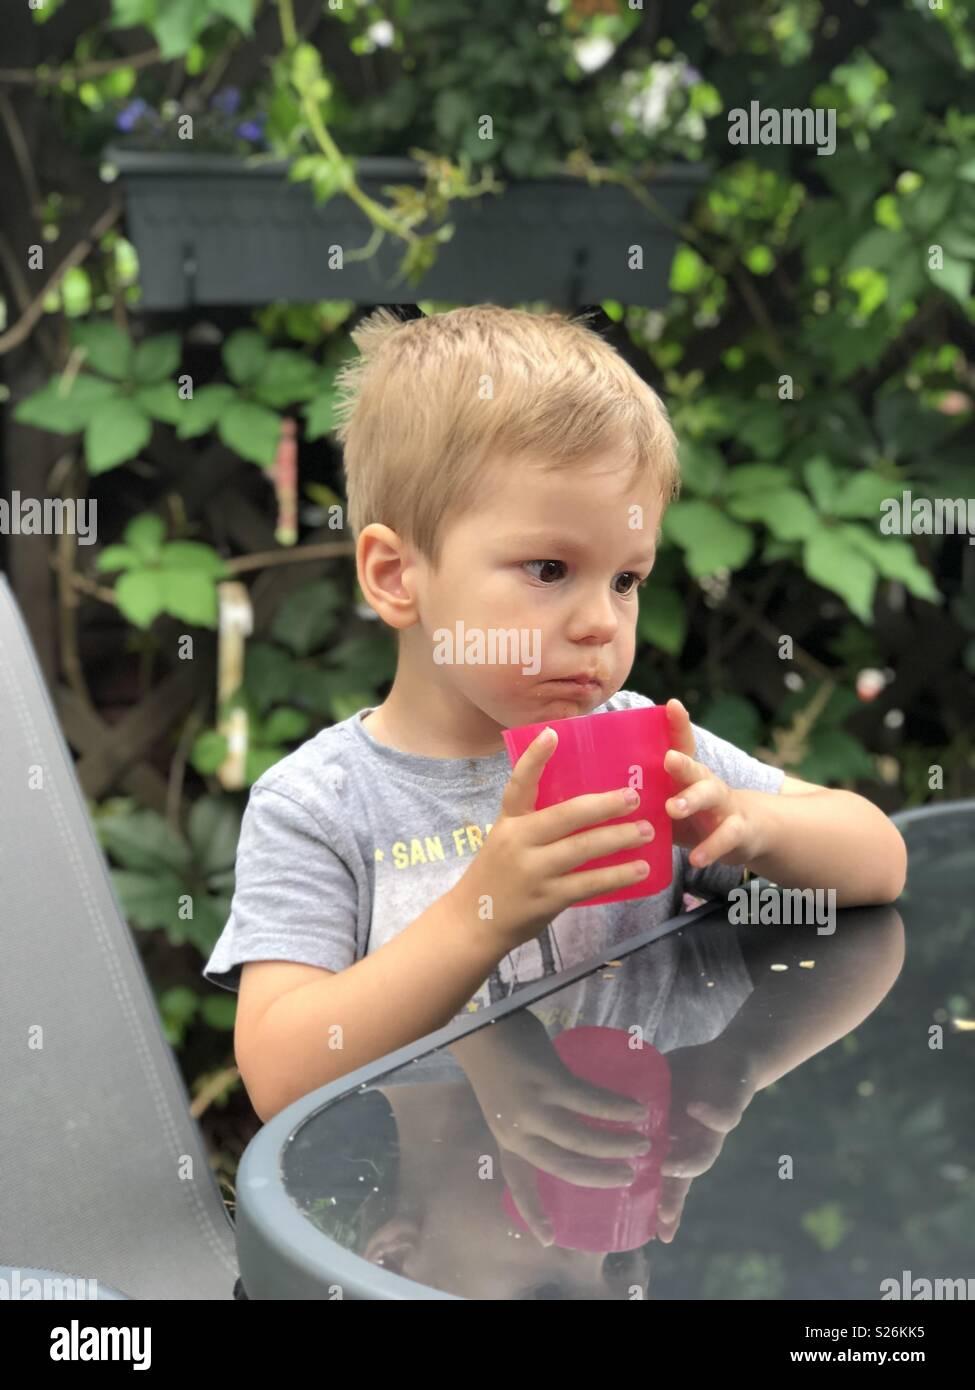 c1152e5c3c340 Un niño de beber agua de una cubeta de plástico rosa en el porche de atrás